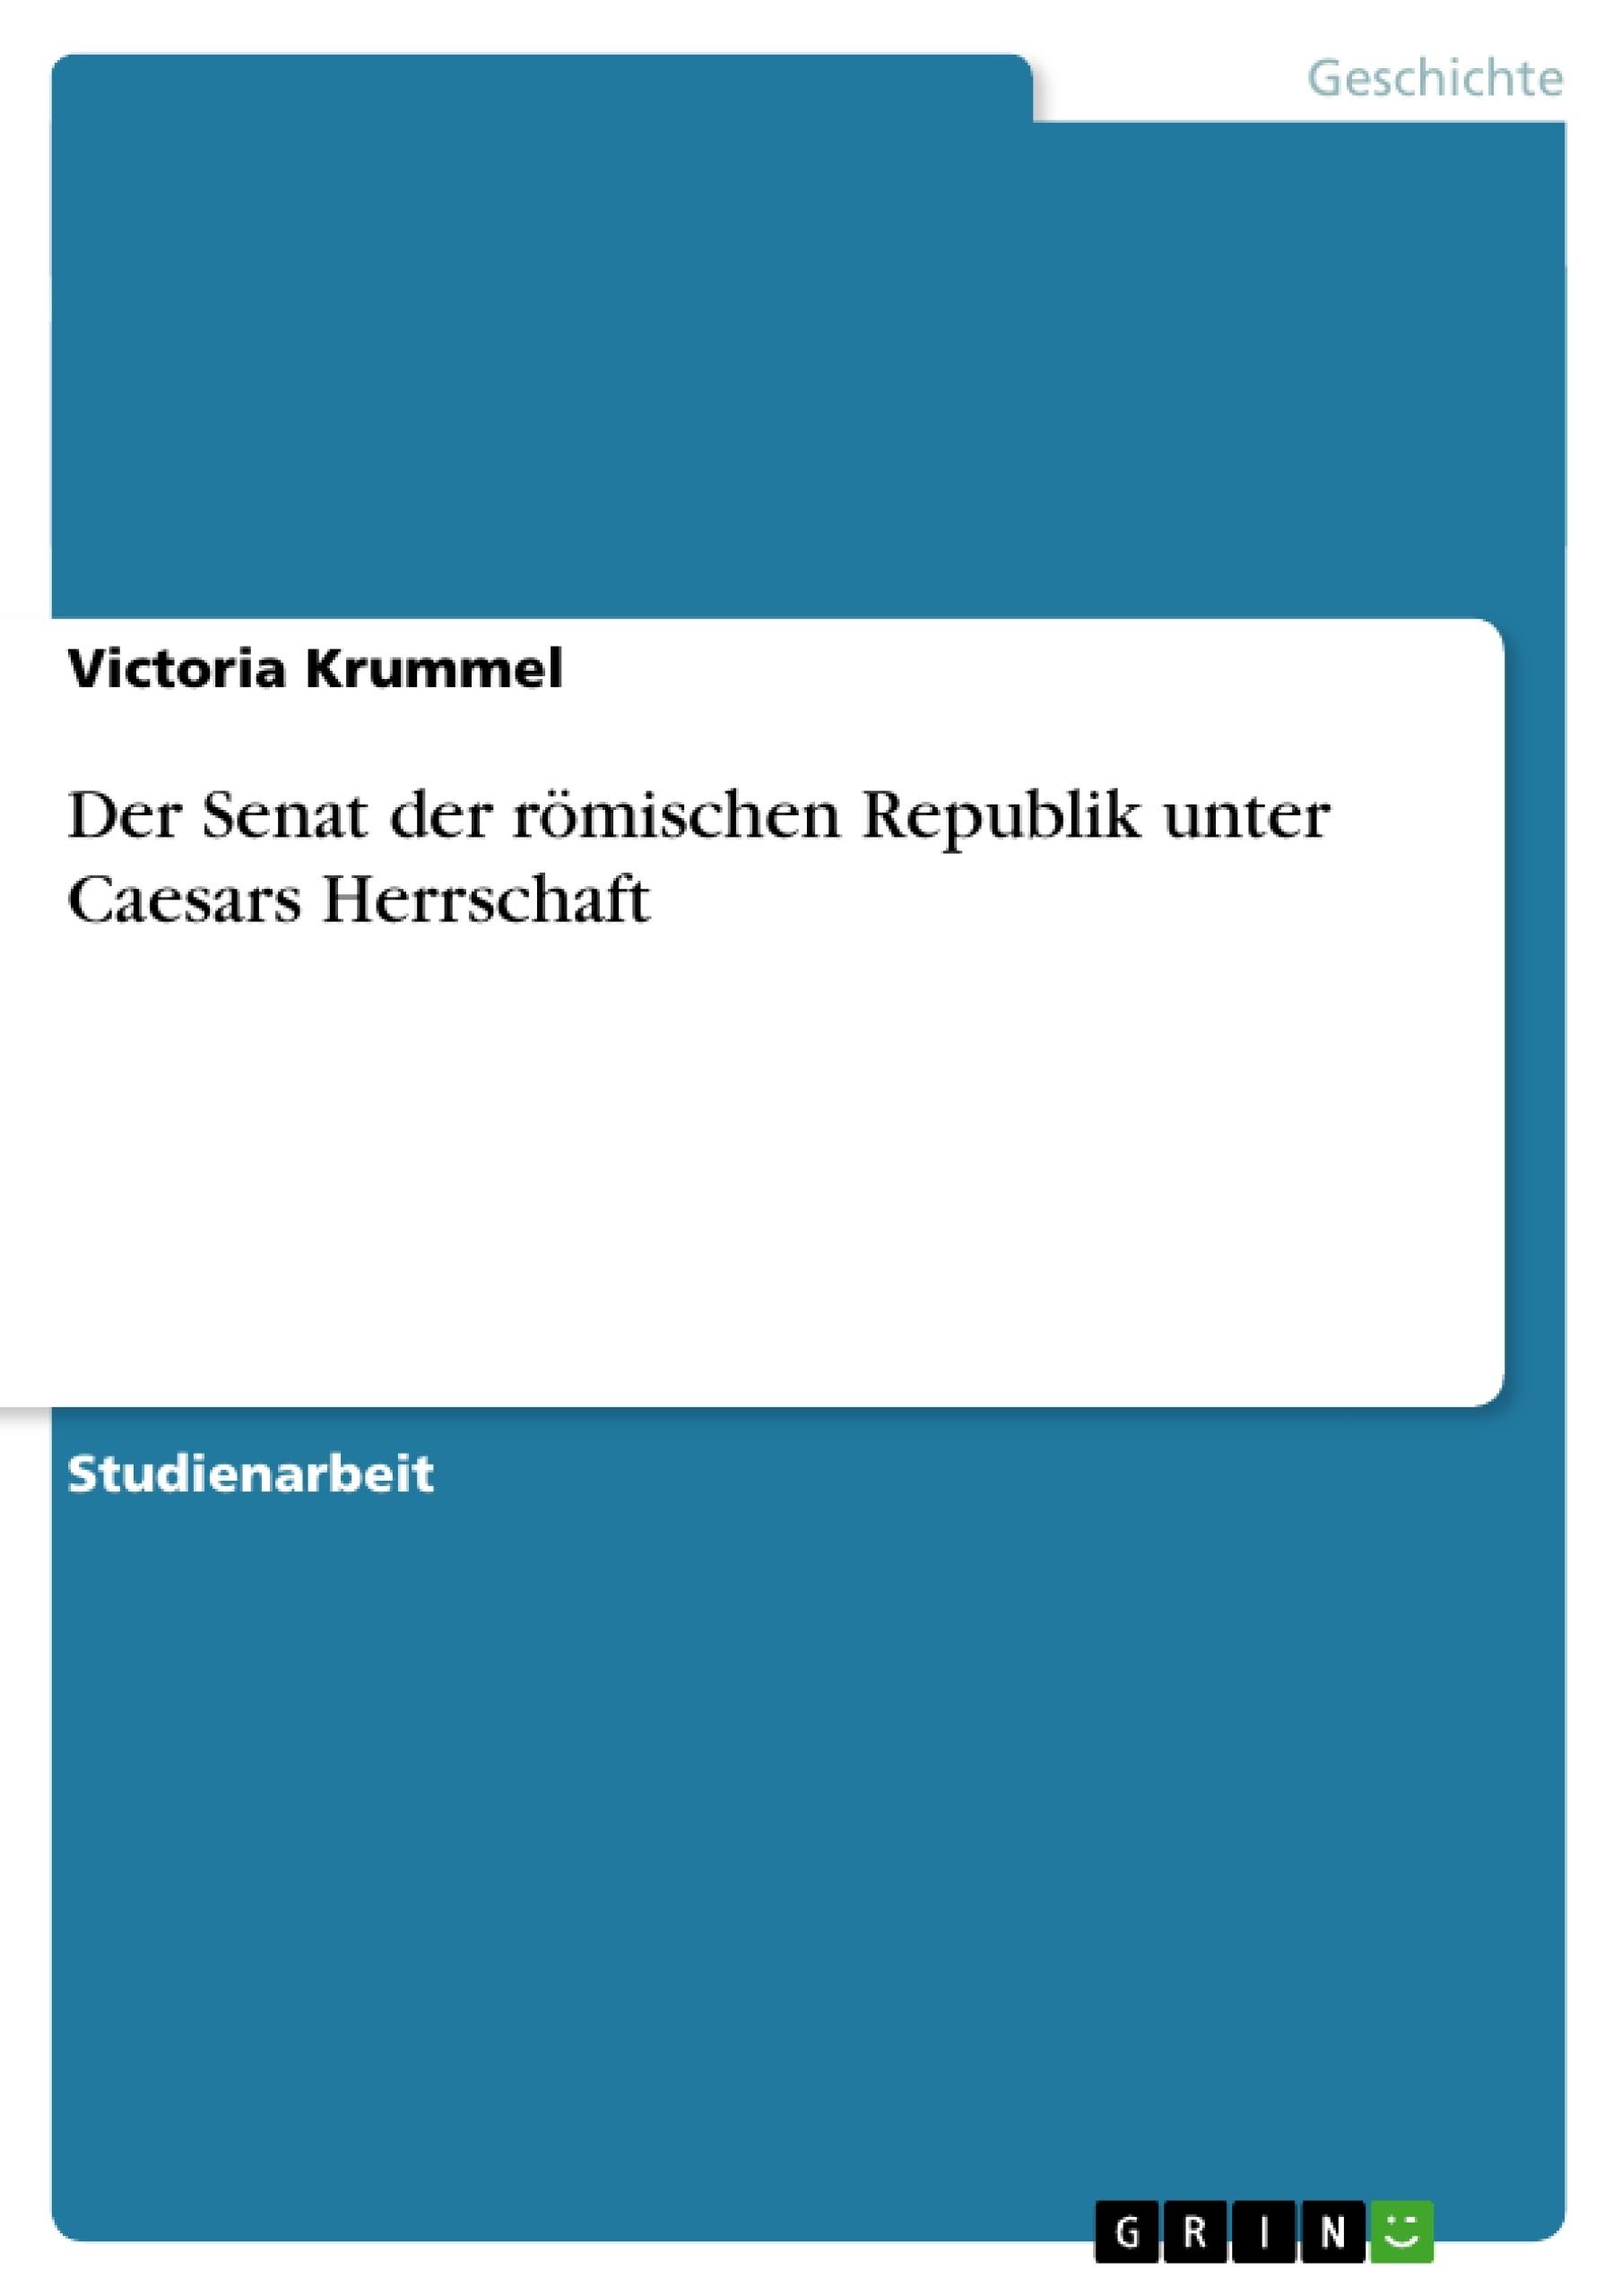 Titel: Der Senat der römischen Republik unter Caesars Herrschaft